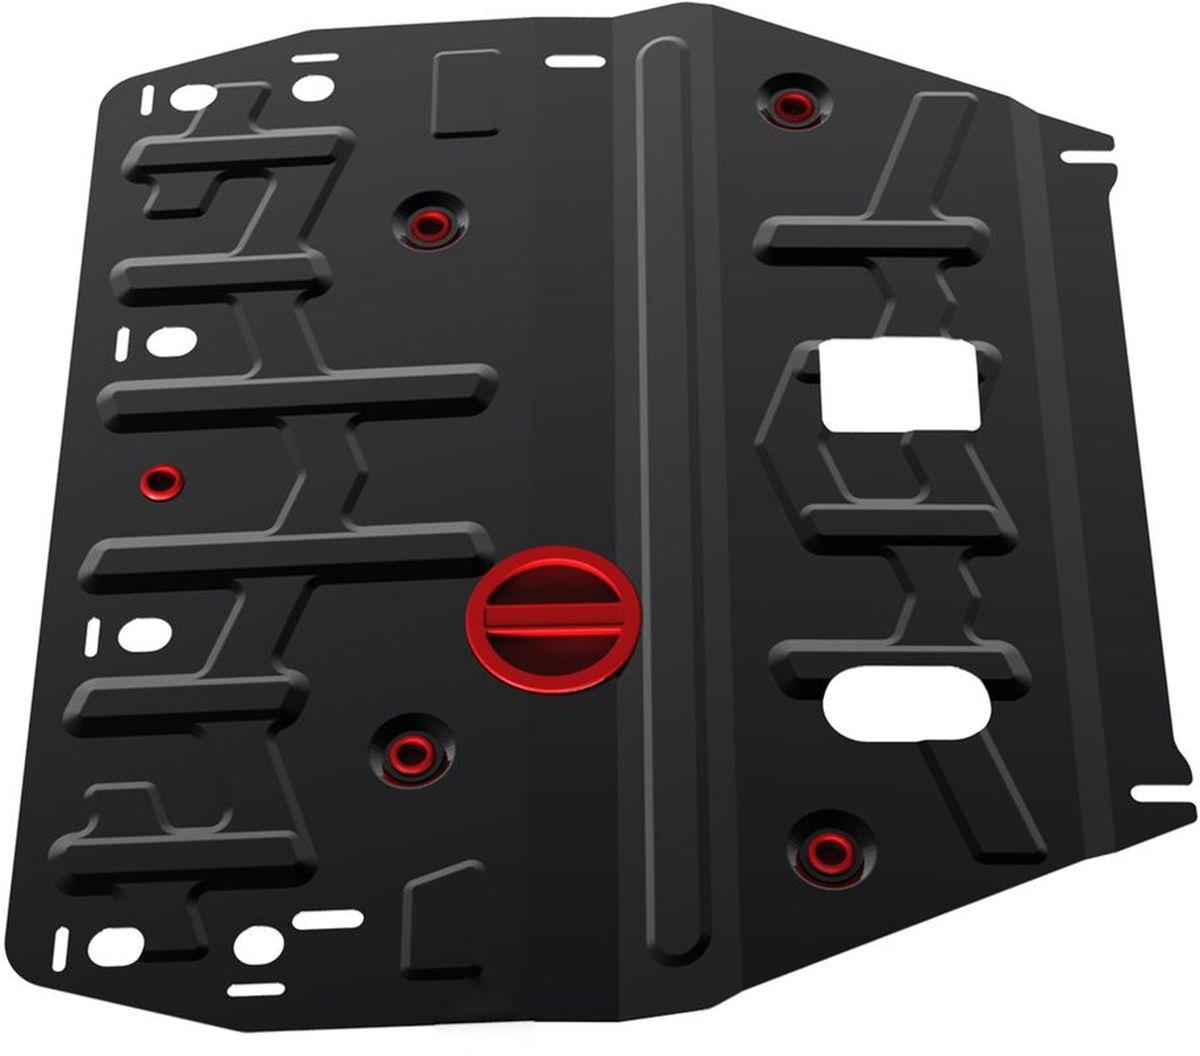 Защита картера и КПП Автоброня, для Hyundai i40. 111.02342.11004900000360Технологически совершенный продукт за невысокую стоимость.Защита разработана с учетом особенностей днища автомобиля, что позволяет сохранить дорожный просвет с минимальным изменением.Защита устанавливается в штатные места кузова автомобиля. Глубокий штамп обеспечивает до двух раз больше жесткости в сравнении с обычной защитой той же толщины. Проштампованные ребра жесткости препятствуют деформации защиты при ударах.Тепловой зазор и вентиляционные отверстия обеспечивают сохранение температурного режима двигателя в норме. Скрытый крепеж предотвращает срыв крепежных элементов при наезде на препятствие.Шумопоглощающие резиновые элементы обеспечивают комфортную езду без вибраций и скрежета металла, а съемные лючки для слива масла и замены фильтра - экономию средств и время.Конструкция изделия не влияет на пассивную безопасность автомобиля (при ударе защита не воздействует на деформационные зоны кузова). Со штатным крепежом. В комплекте инструкция по установке.Толщина стали: 2 мм.